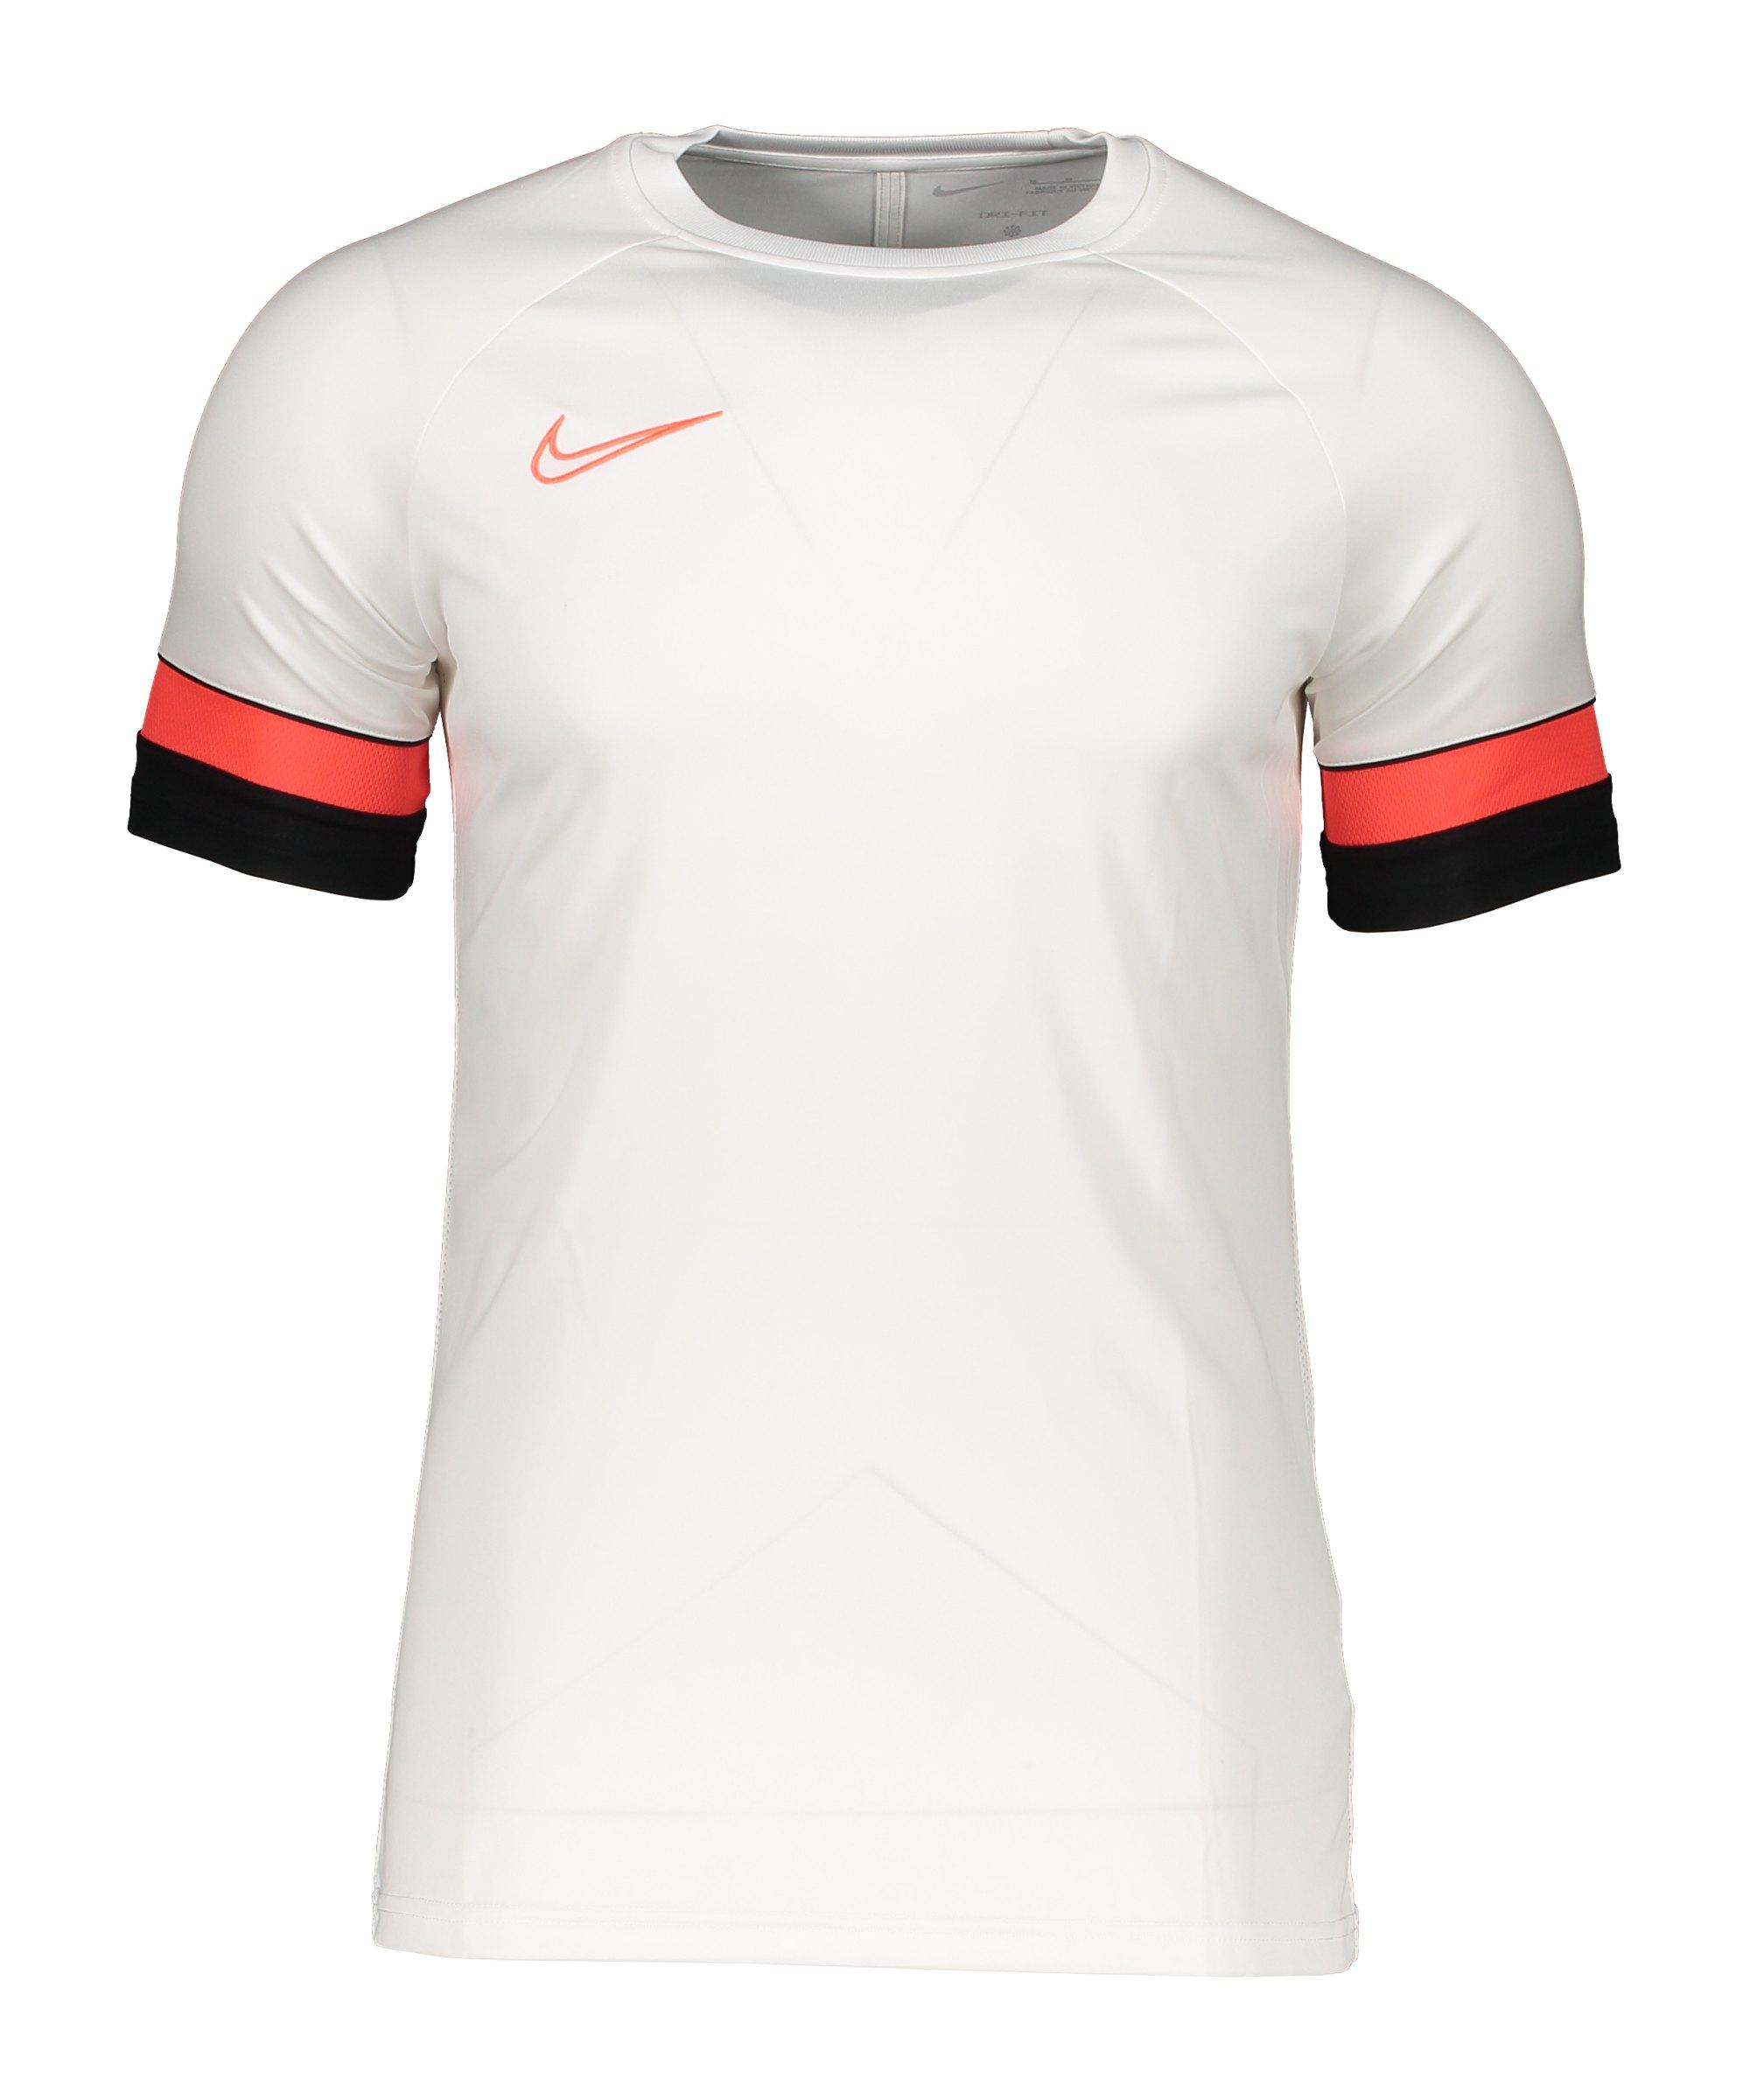 Nike Academy 21 T-Shirt Weiss F101 - weiss